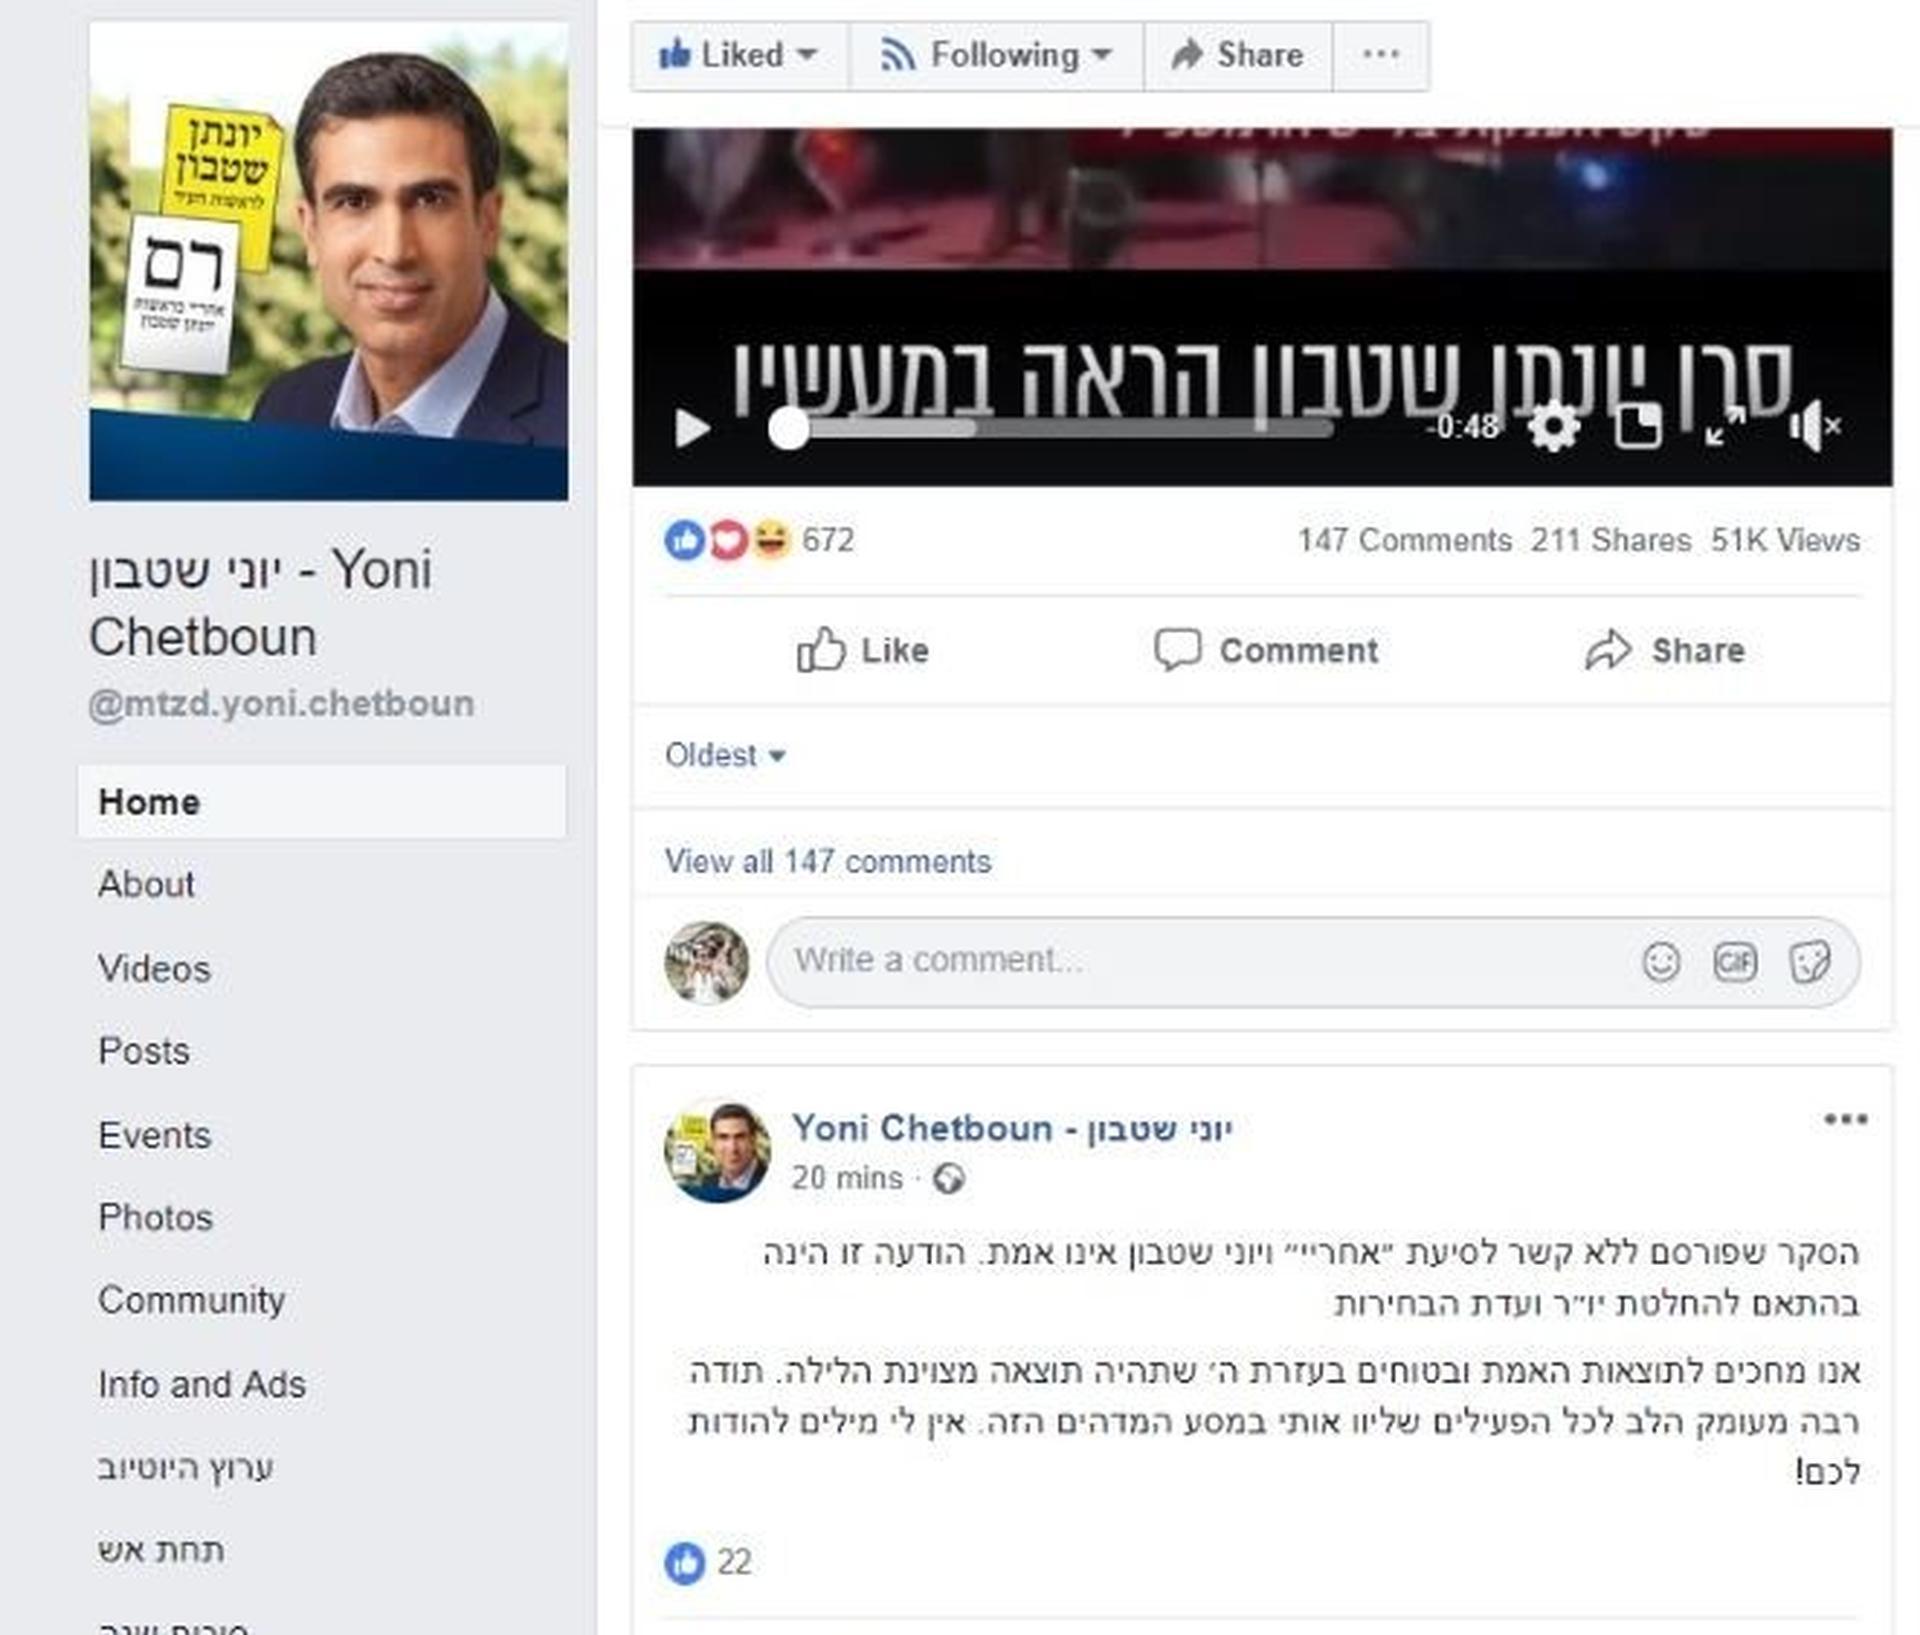 יוני שטבון בהודעה בעמוד הפייסבוק שלו